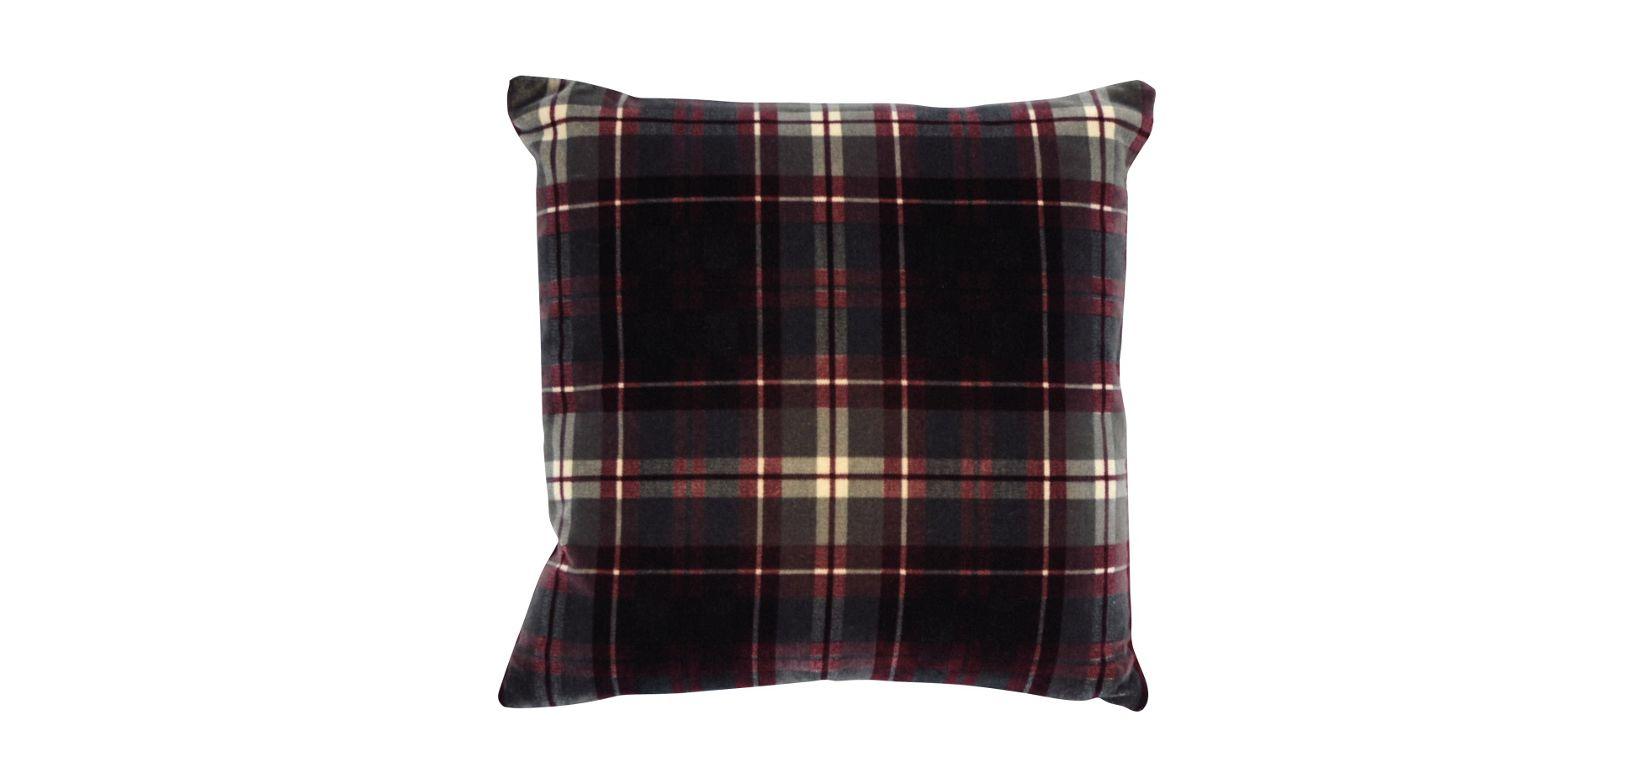 london jean paul gaultier cushion nouveaux classiques collection roche bobois. Black Bedroom Furniture Sets. Home Design Ideas